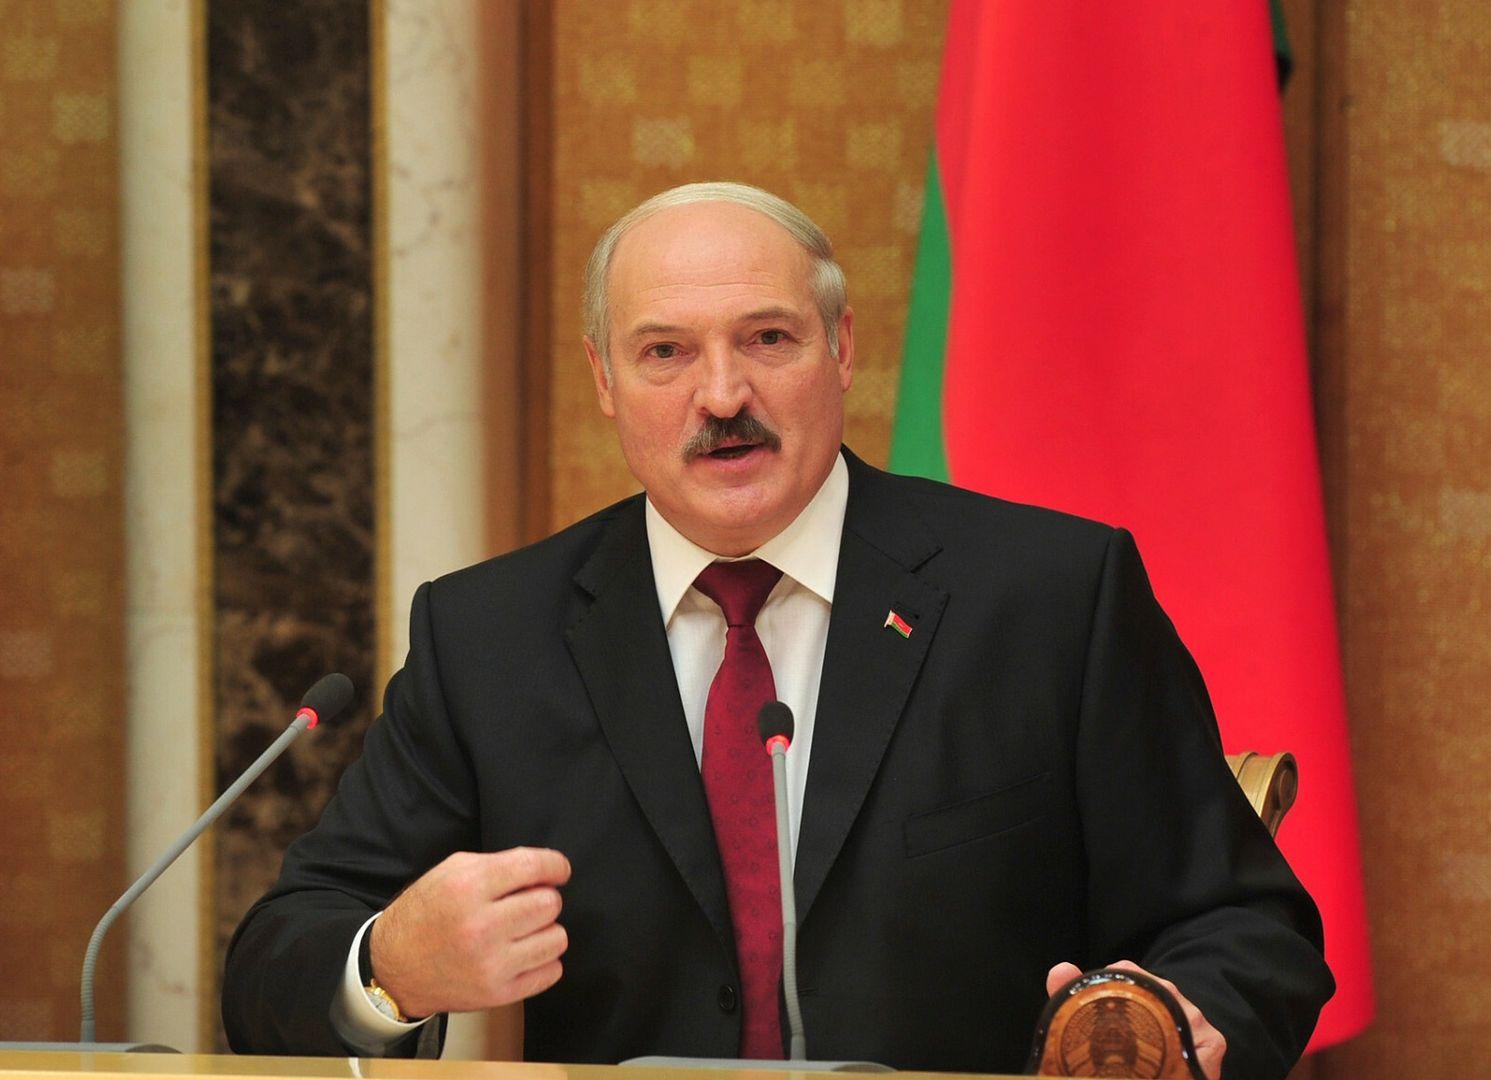 Łukaszenka: Zachód prowadzi do rozpętania trzeciej wojny światowej